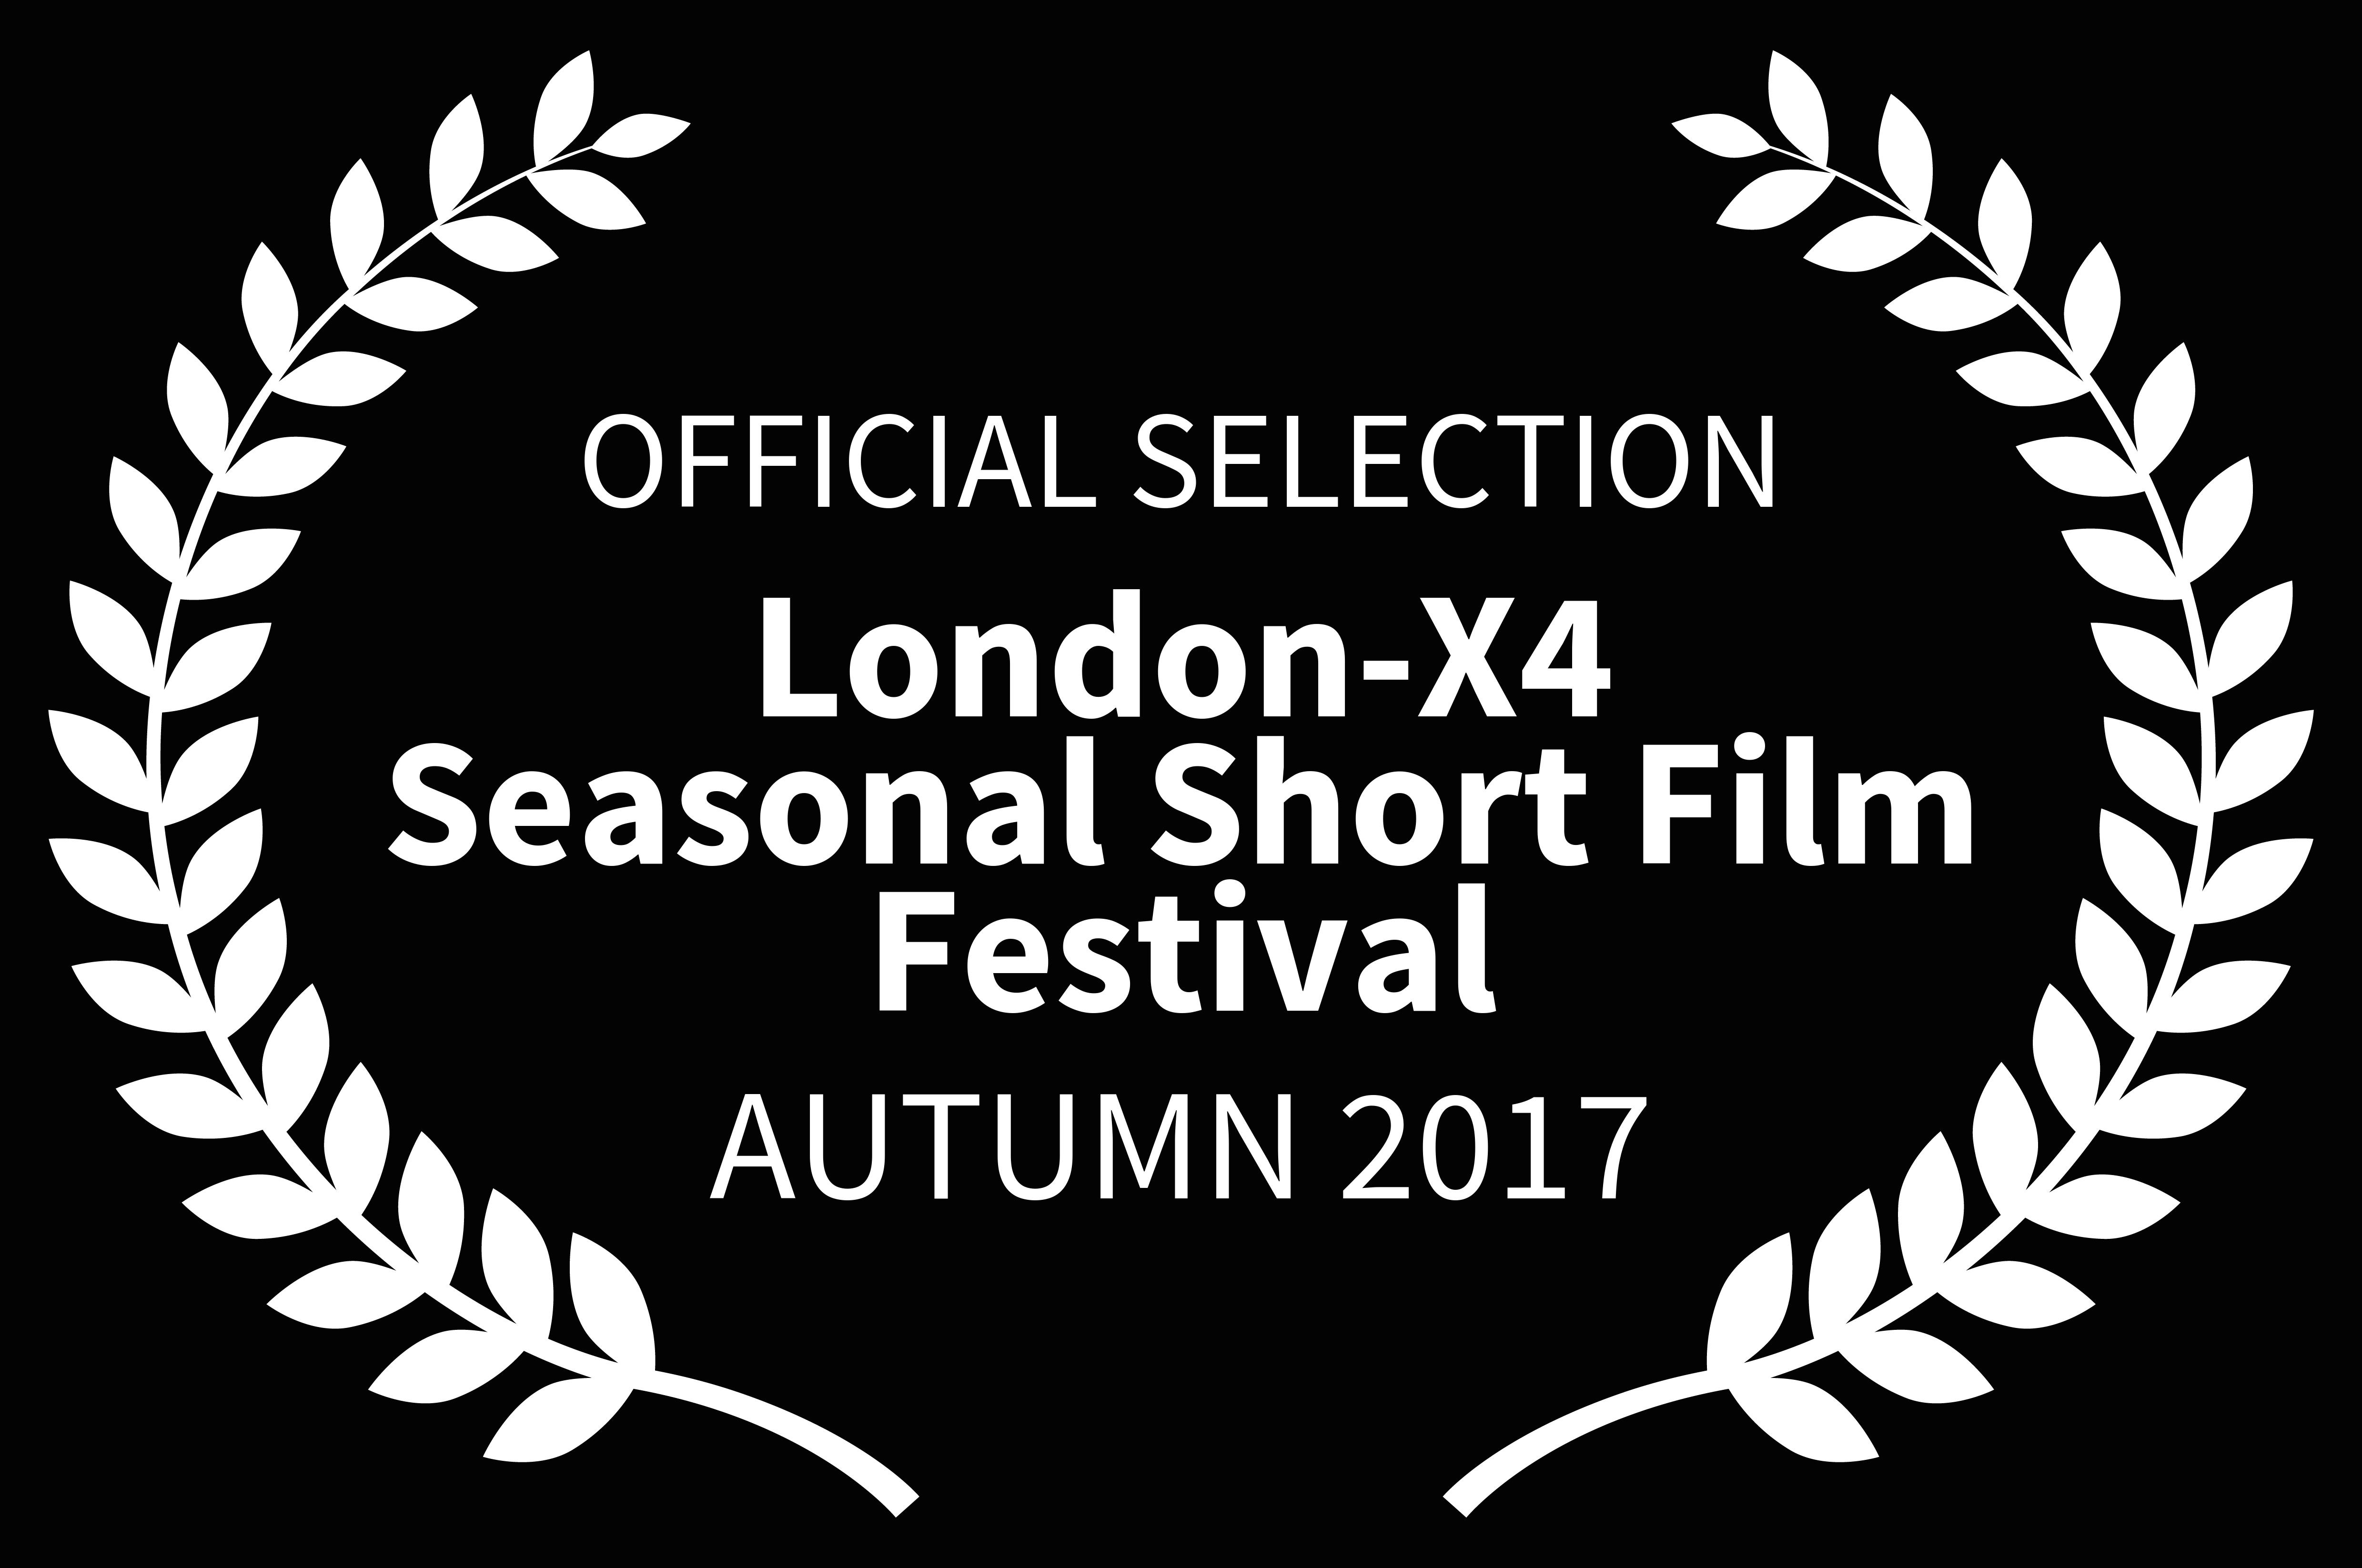 OFFICIALSELECTION-London-X4SeasonalShortFilmFestival-AUTUMN2017-1